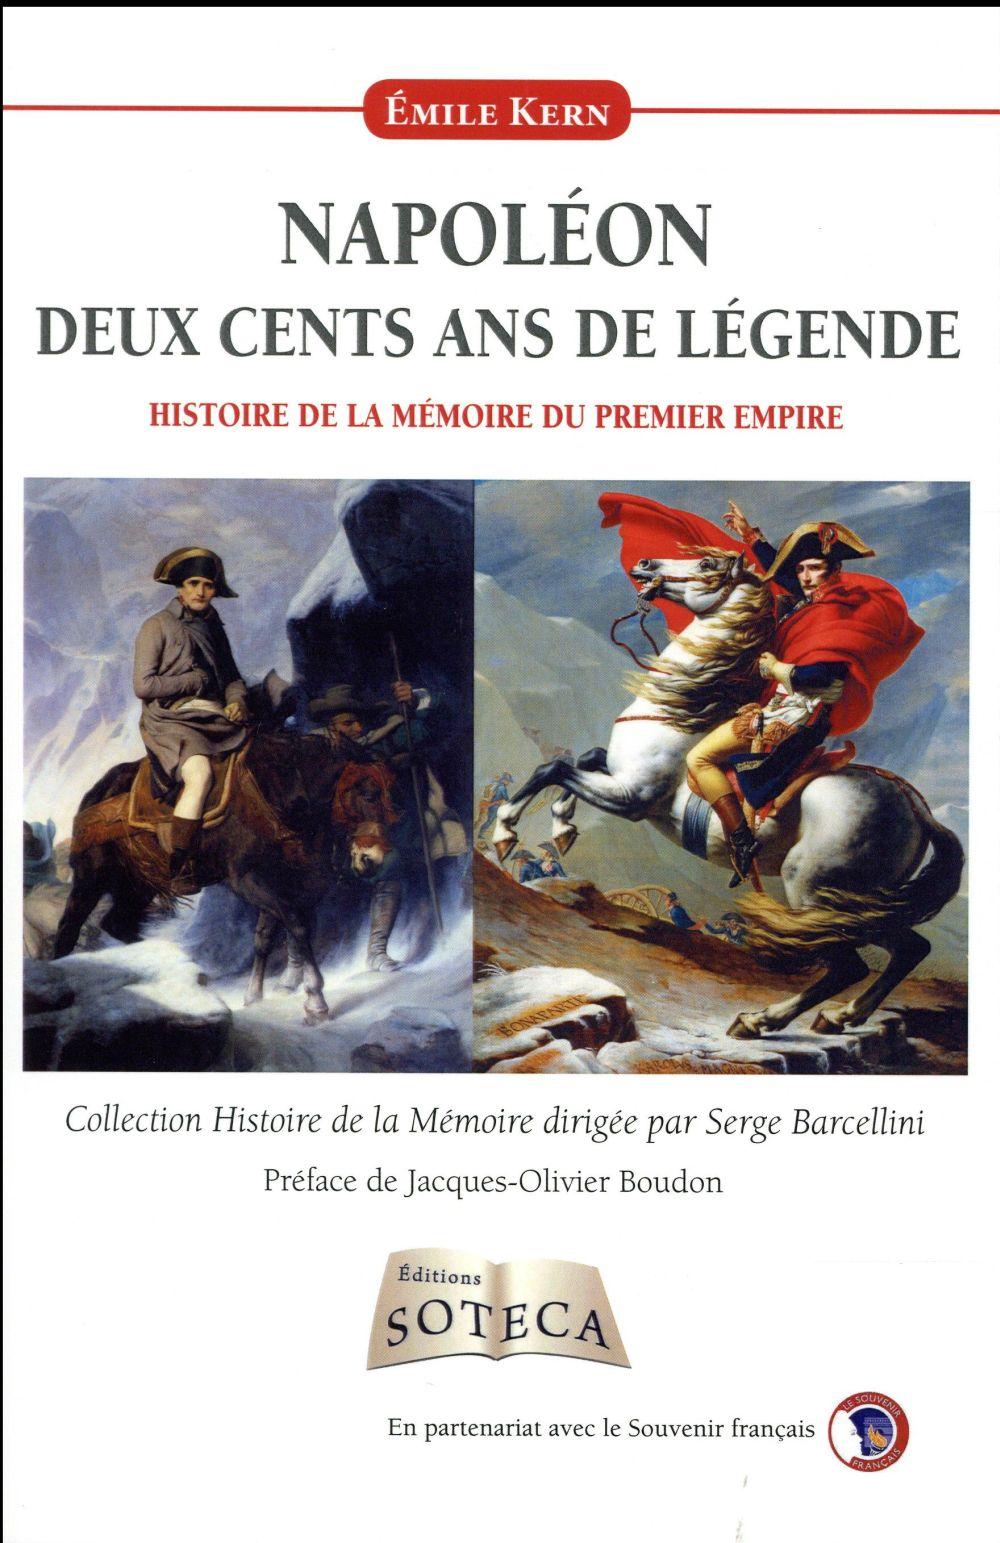 NAPOLEON DEUX CENTS ANS DE LEGENDE